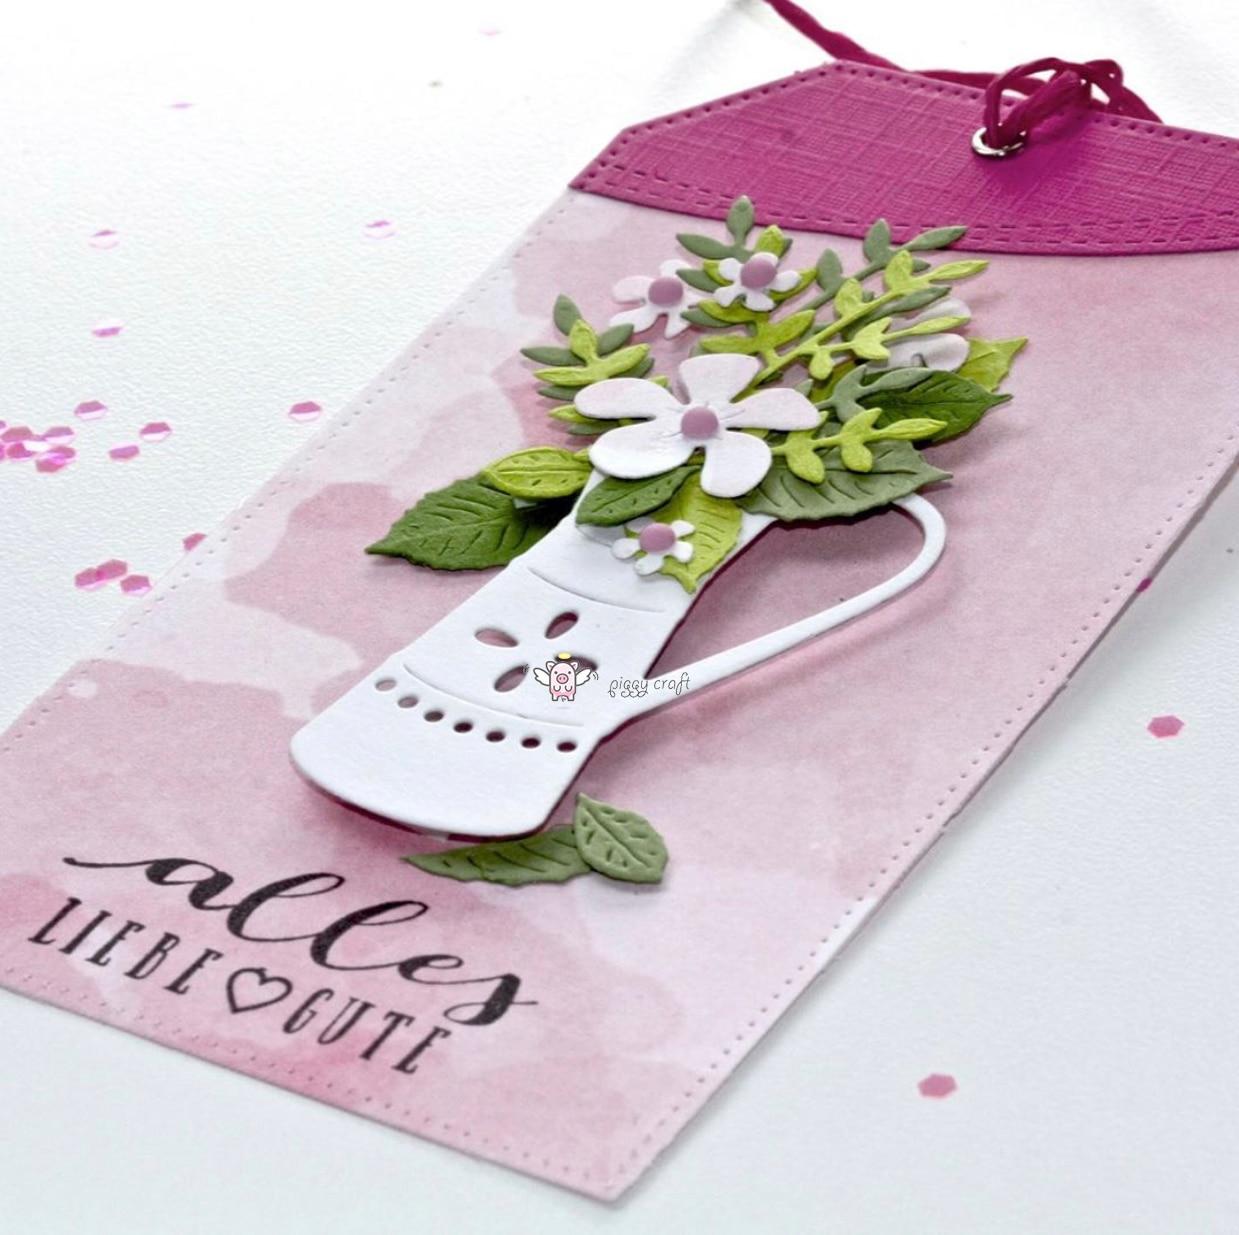 Image 4 - Piggy Craft metal cutting dies cut die mold Flower leaf pot basket Scrapbook paper craft knife mould blade punch stencils dies-in Cutting Dies from Home & Garden